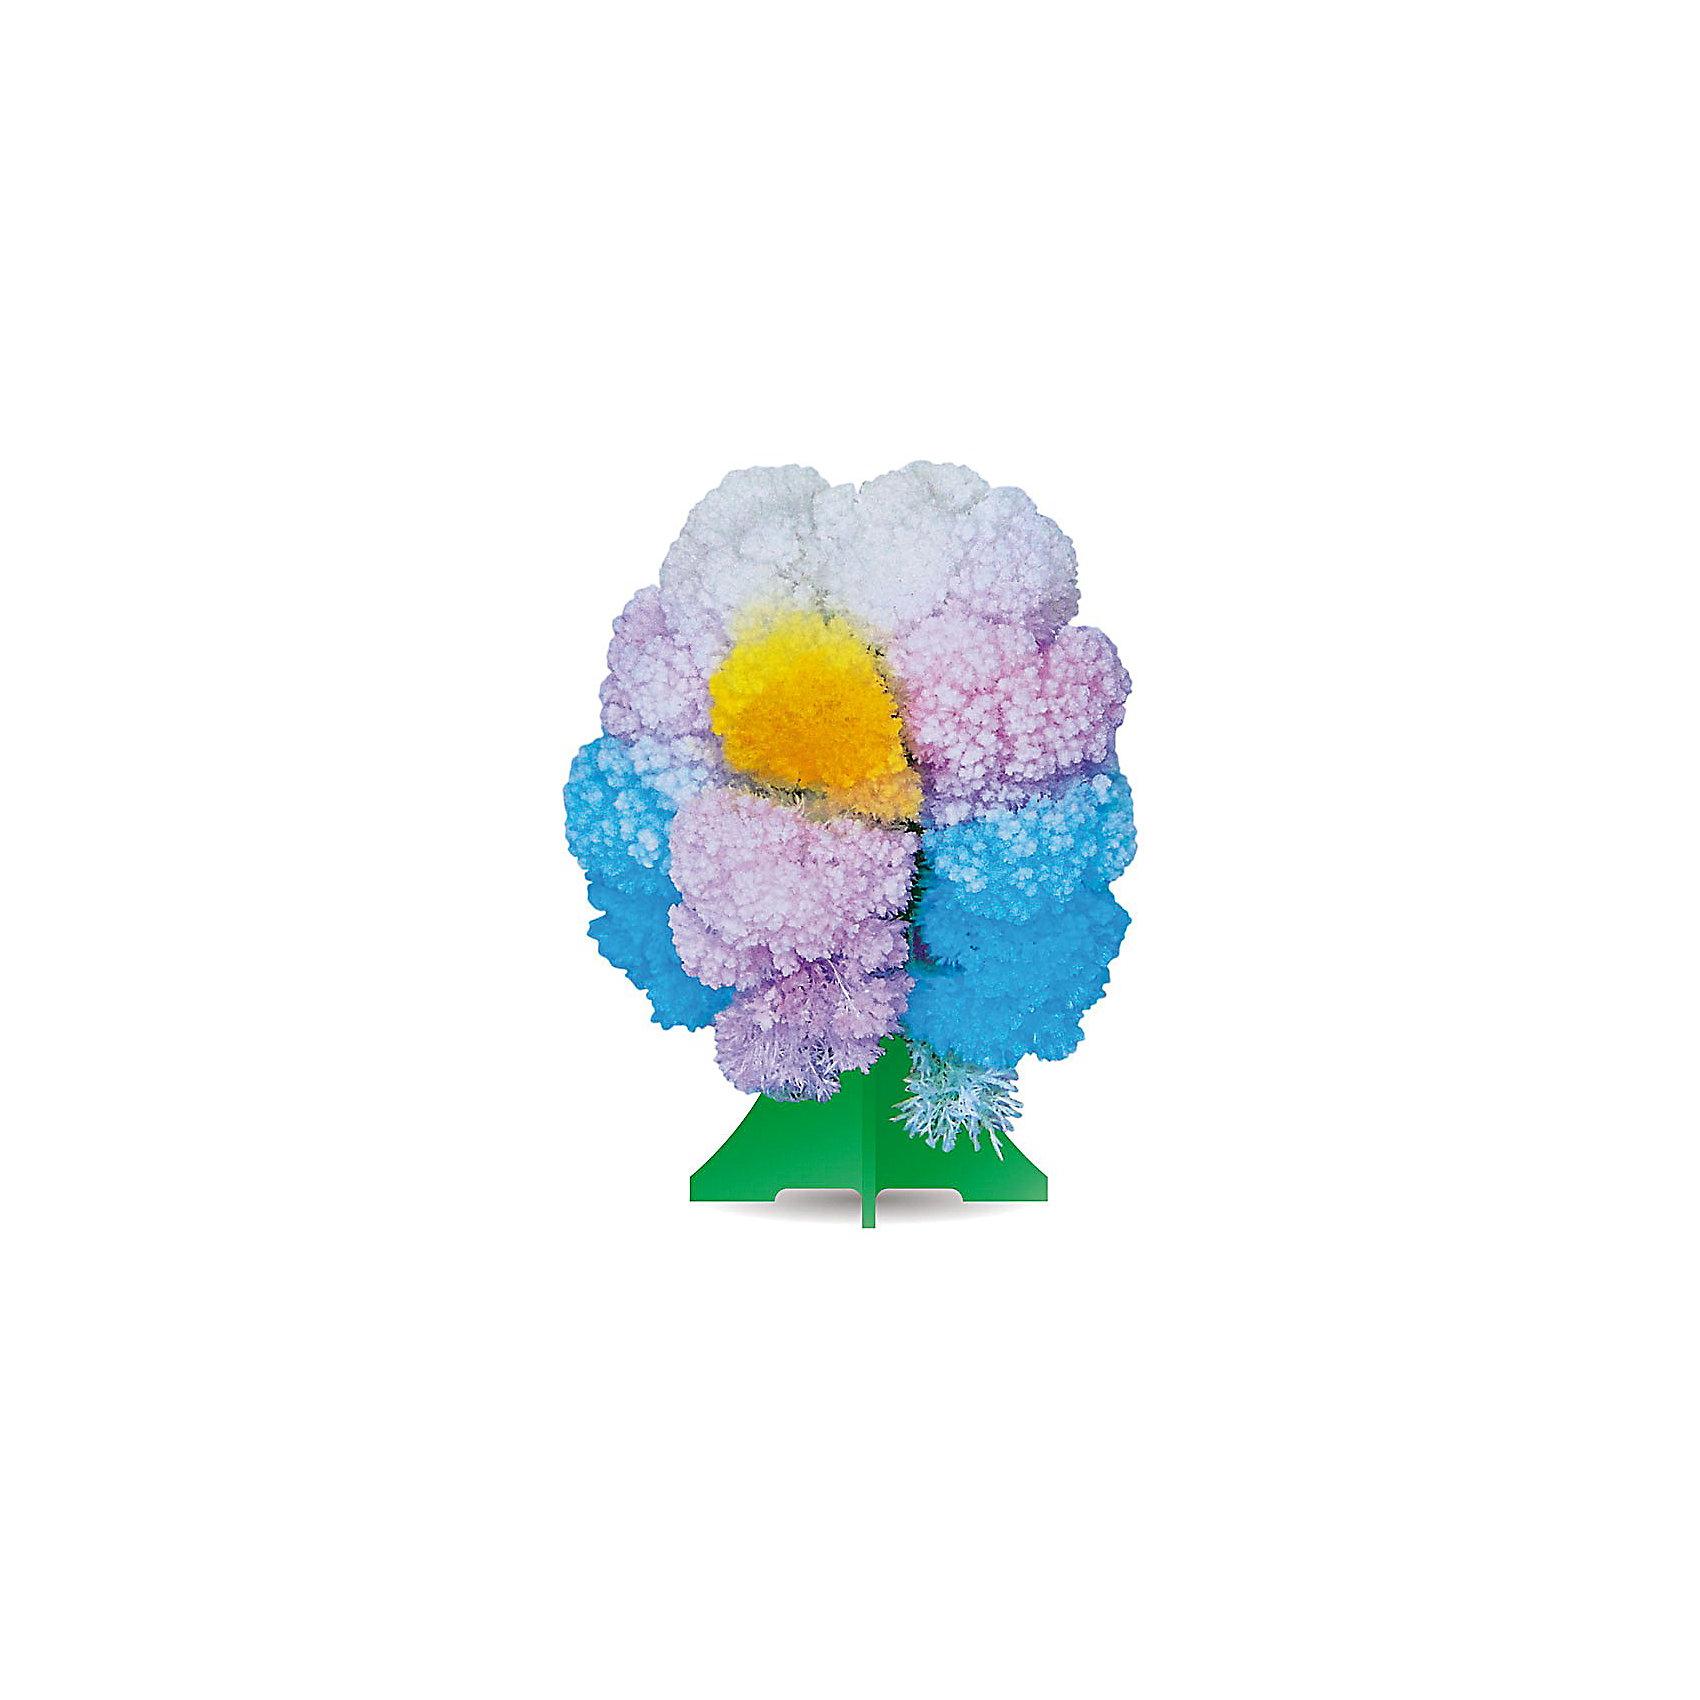 GOOD HAND CD-011 Волшебное деревоВыращивание кристаллов<br>Данный набор позволит ребенку почувствовать себя настоящим ученым – и получить в результате несложных экспериментов не россыпь невзрачных хрусталиков, а волшебные, притягивающие восхищенные взгляды произведения искусства. В состав набора входят реактивы для выращивания кристаллов и бумажный каркас, который послужит основой будущей драгоценной конструкции. При смачивании раствором бумажной основы на ней буквально на глазах восхищенных детей вырастают пышные друзы ярких кристаллов, которые образуют форму ветвистого дерева. С помощью набора дети смогут прикоснуться к тайнам земных недр и собственными руками создать волшебную кристаллическую структуру, которая поразит друзей, станет истинным украшением интерьера или восхитительным подарком на праздник. Стоит лишь попробовать – и магия выращивания кристаллов увлечет не только детей, но и взрослых!<br><br>Основные особенности:<br>- Набор для выращивания на бумажной основе друзы кристаллов в форме разноцветного дерева.<br>- Набор пробуждает у ребенка интерес к естественным наукам, учит терпению, вниманию и аккуратности, закладывает базу для занятий прикладными ремеслами, развивает творческое мышление и художественный вкус.<br>- Выращивание кристаллов позволяет получить первые представления о большинстве естественных наук – физике, химии, геологии, минералогии.<br>- Набор включает иллюстрированную пошаговую инструкцию.<br>- Компоненты набора полностью безопасны для занятий под присмотром взрослых или самостоятельных занятий детей старше 12 лет.<br>- Законченную работу для предохранения от выцветания и предотвращения нежелательных последствий при контакте с кожей рекомендуется покрыть лаком.<br><br>Ширина мм: 212<br>Глубина мм: 100<br>Высота мм: 10<br>Вес г: 45<br>Возраст от месяцев: 96<br>Возраст до месяцев: 168<br>Пол: Унисекс<br>Возраст: Детский<br>SKU: 2609887